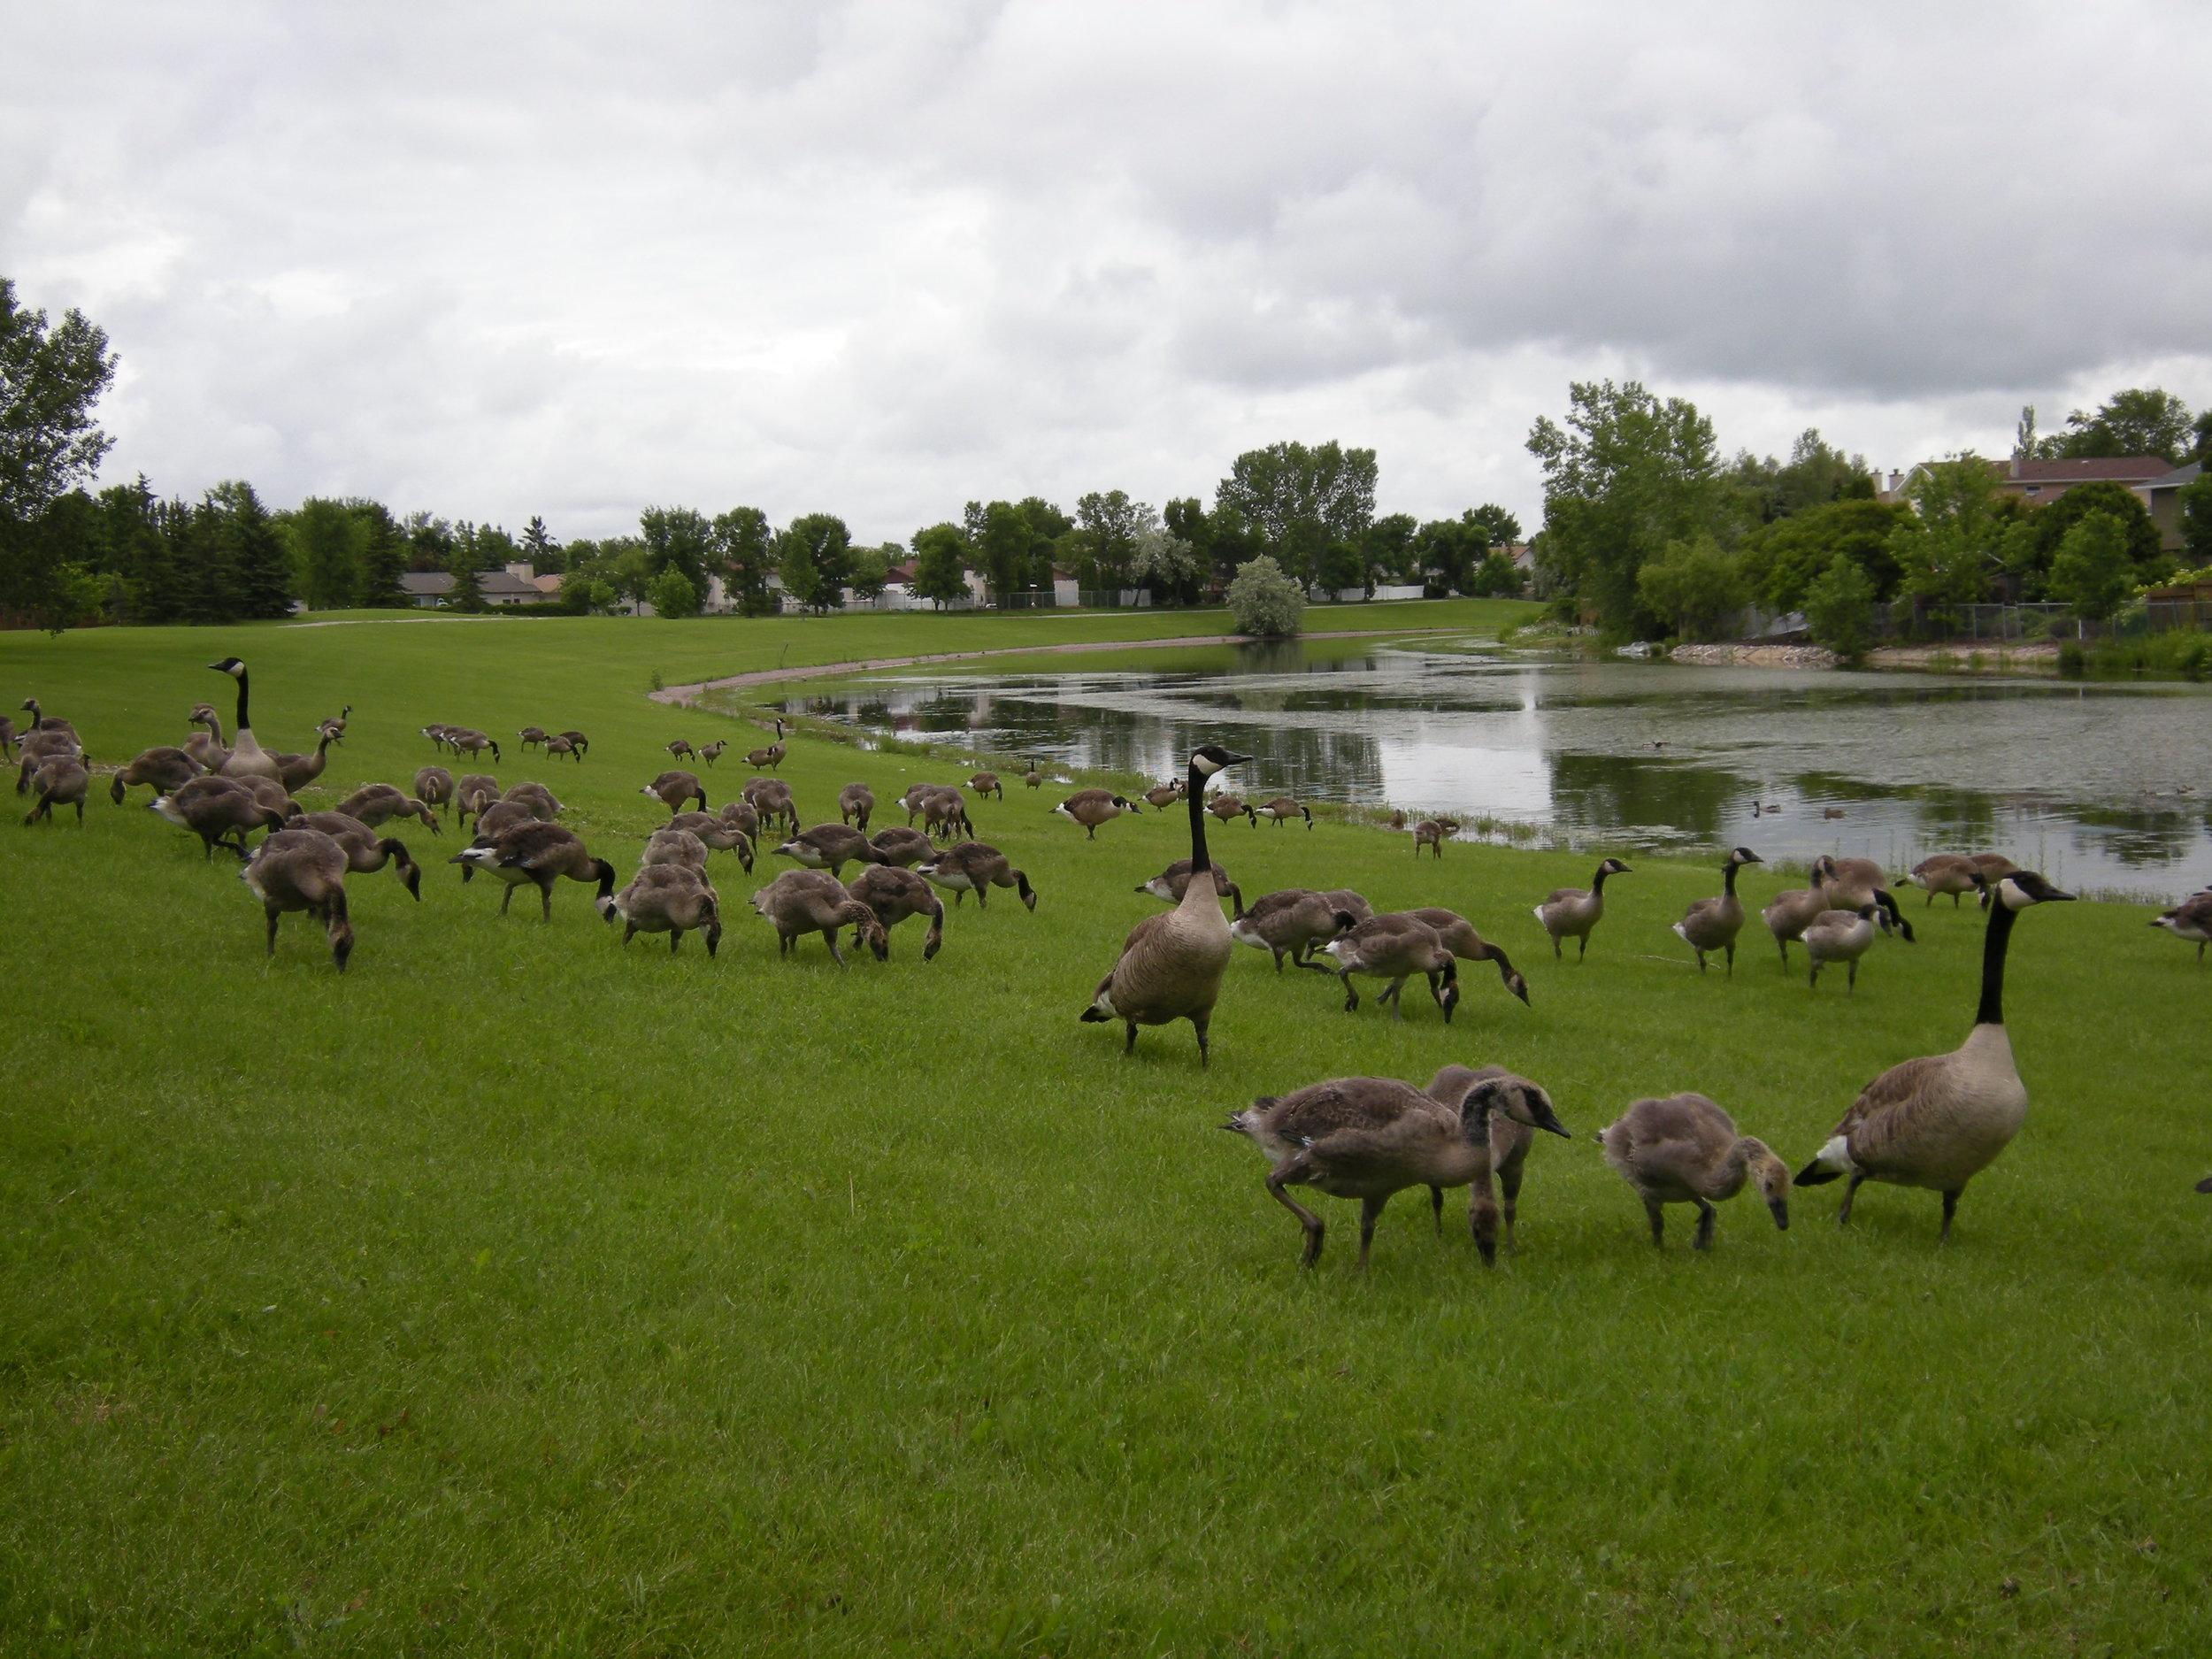 geese3.jpg